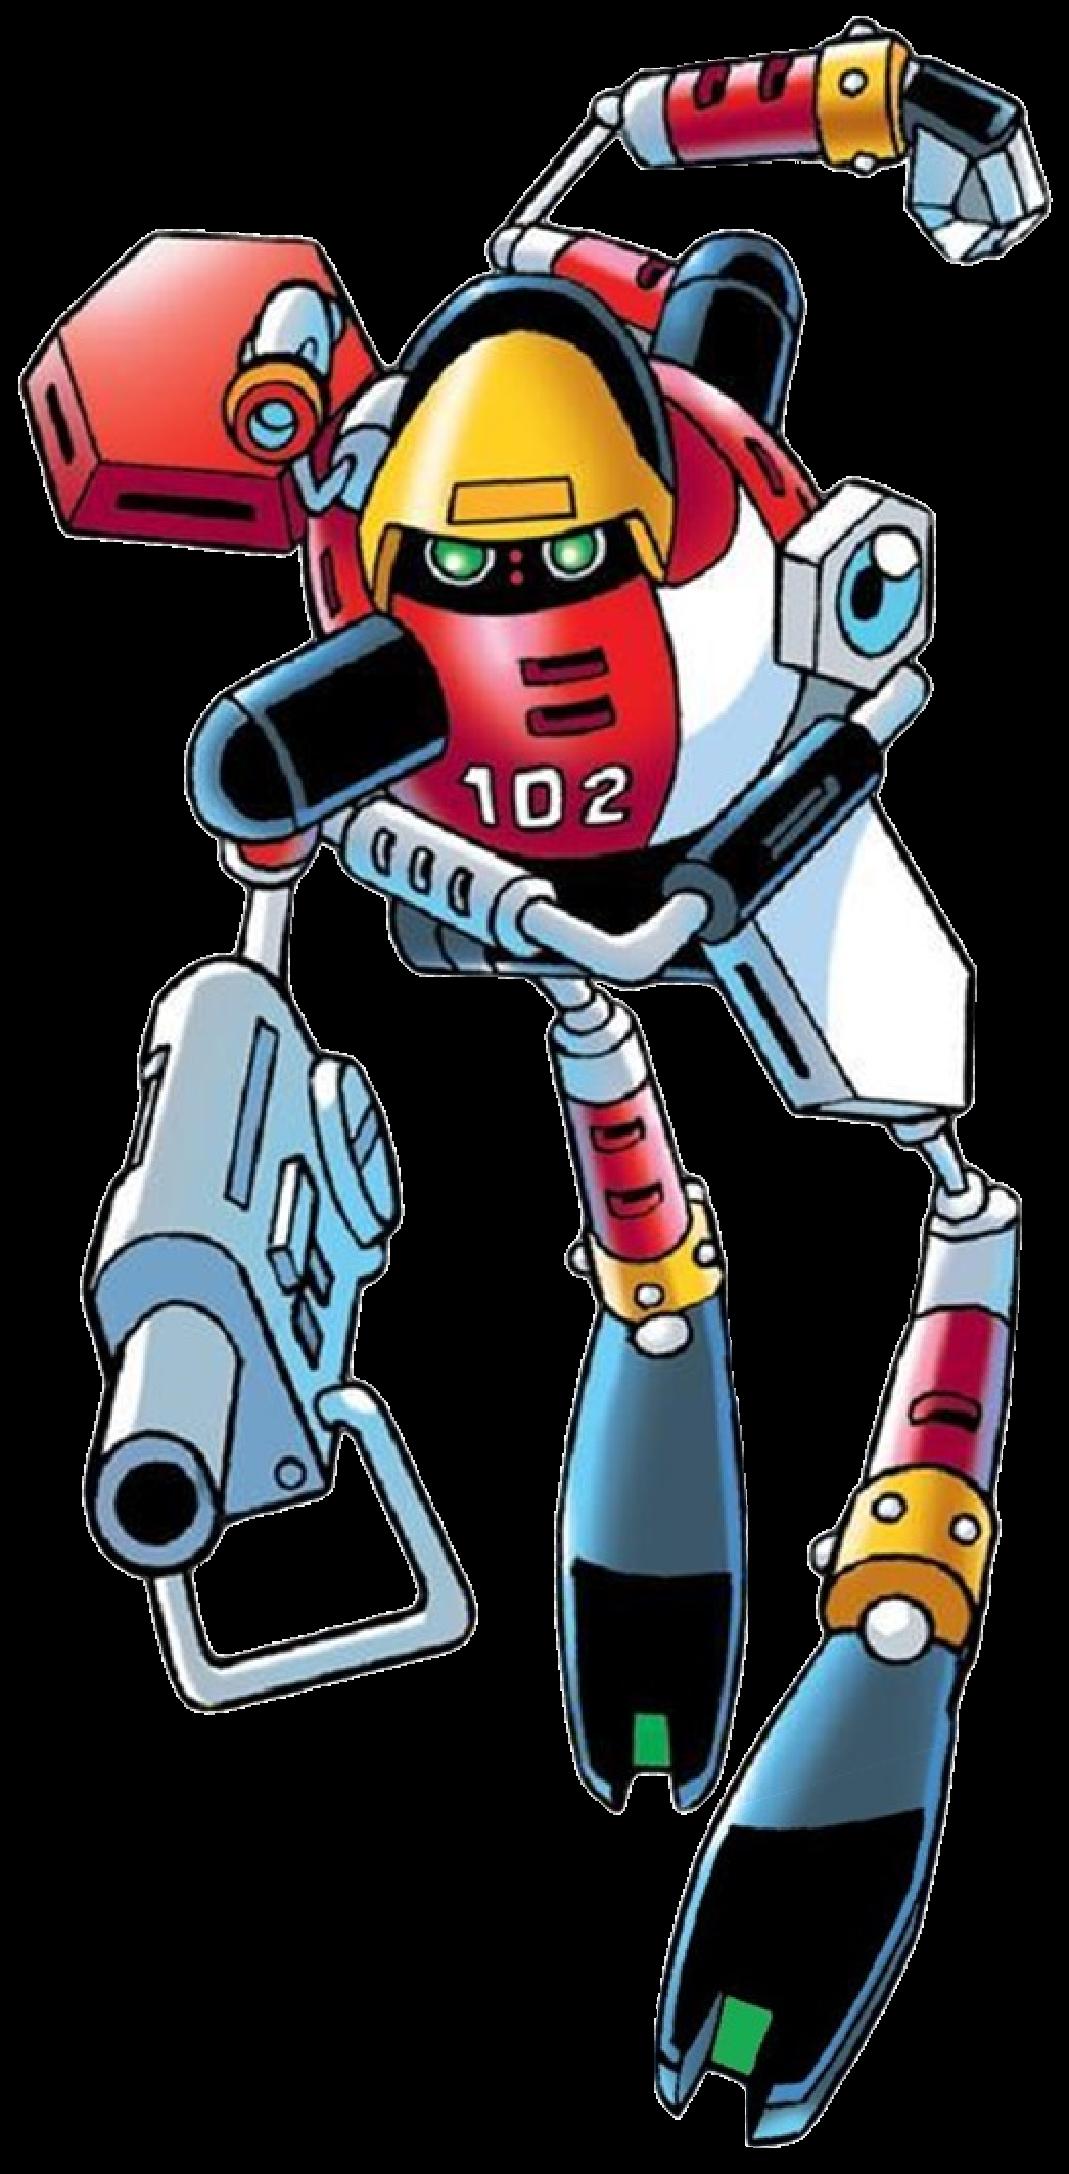 E-102 Gamma (Pre-Super Genesis Wave)